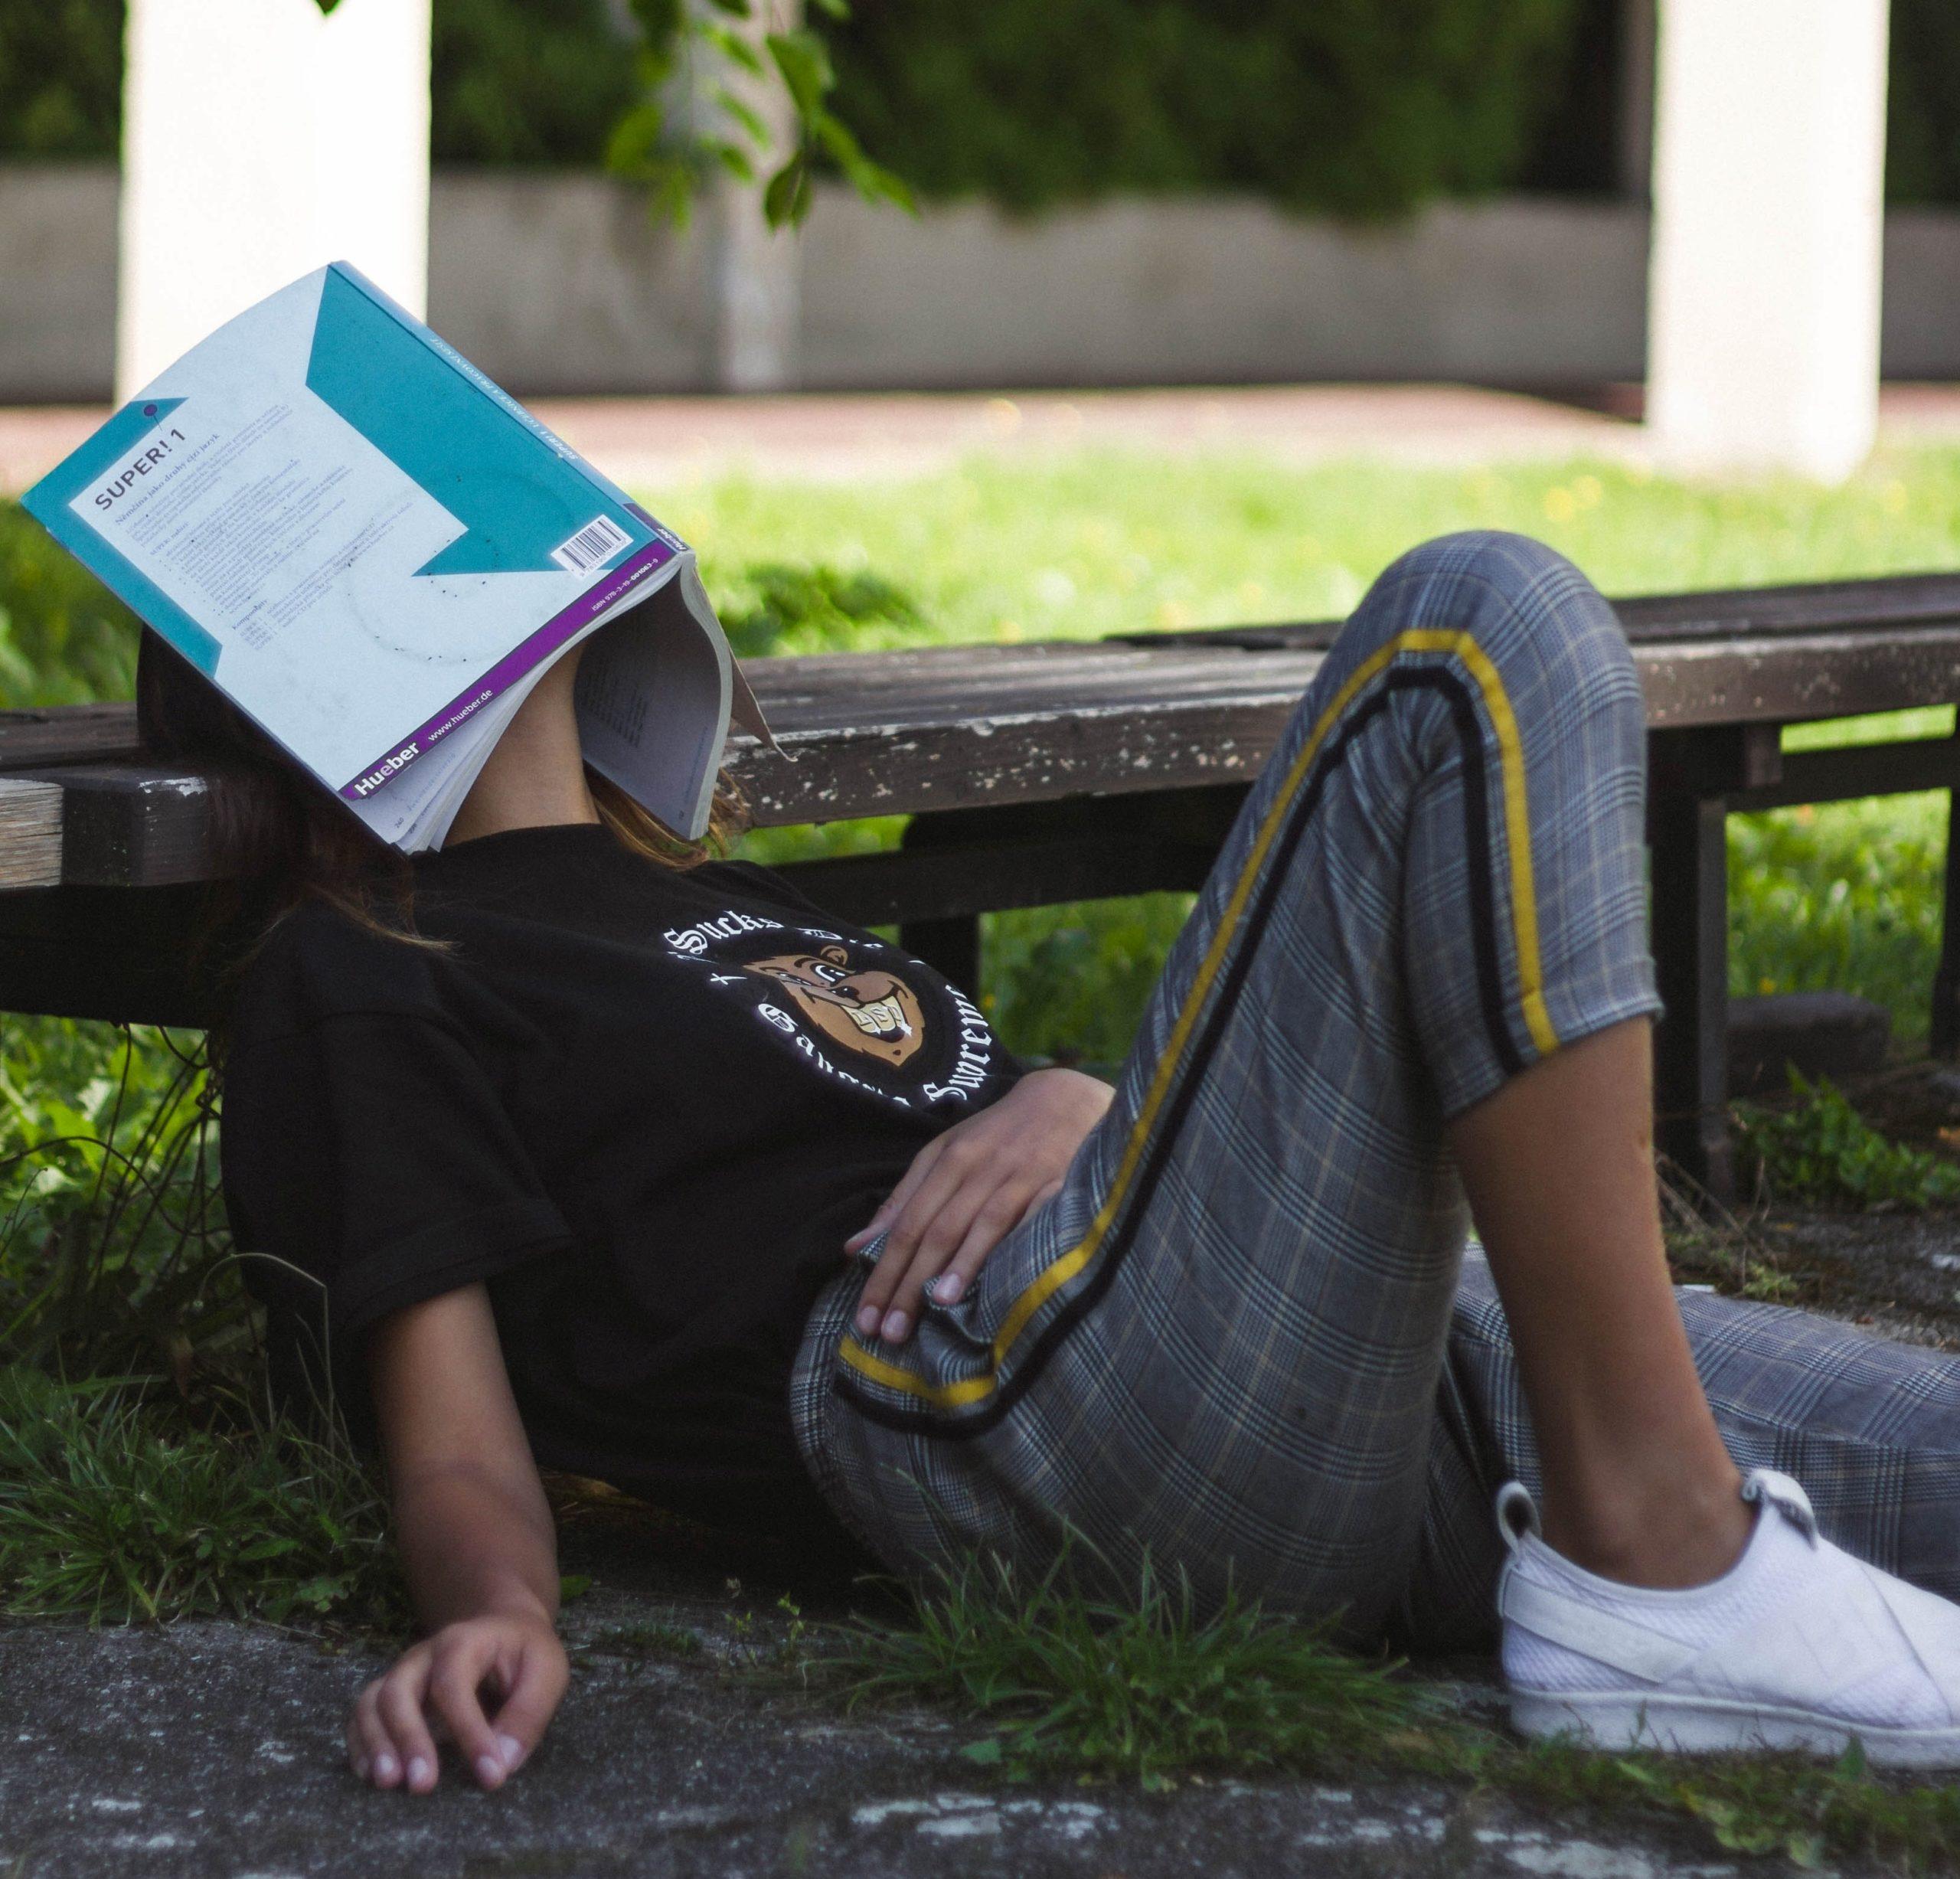 sleep_not read